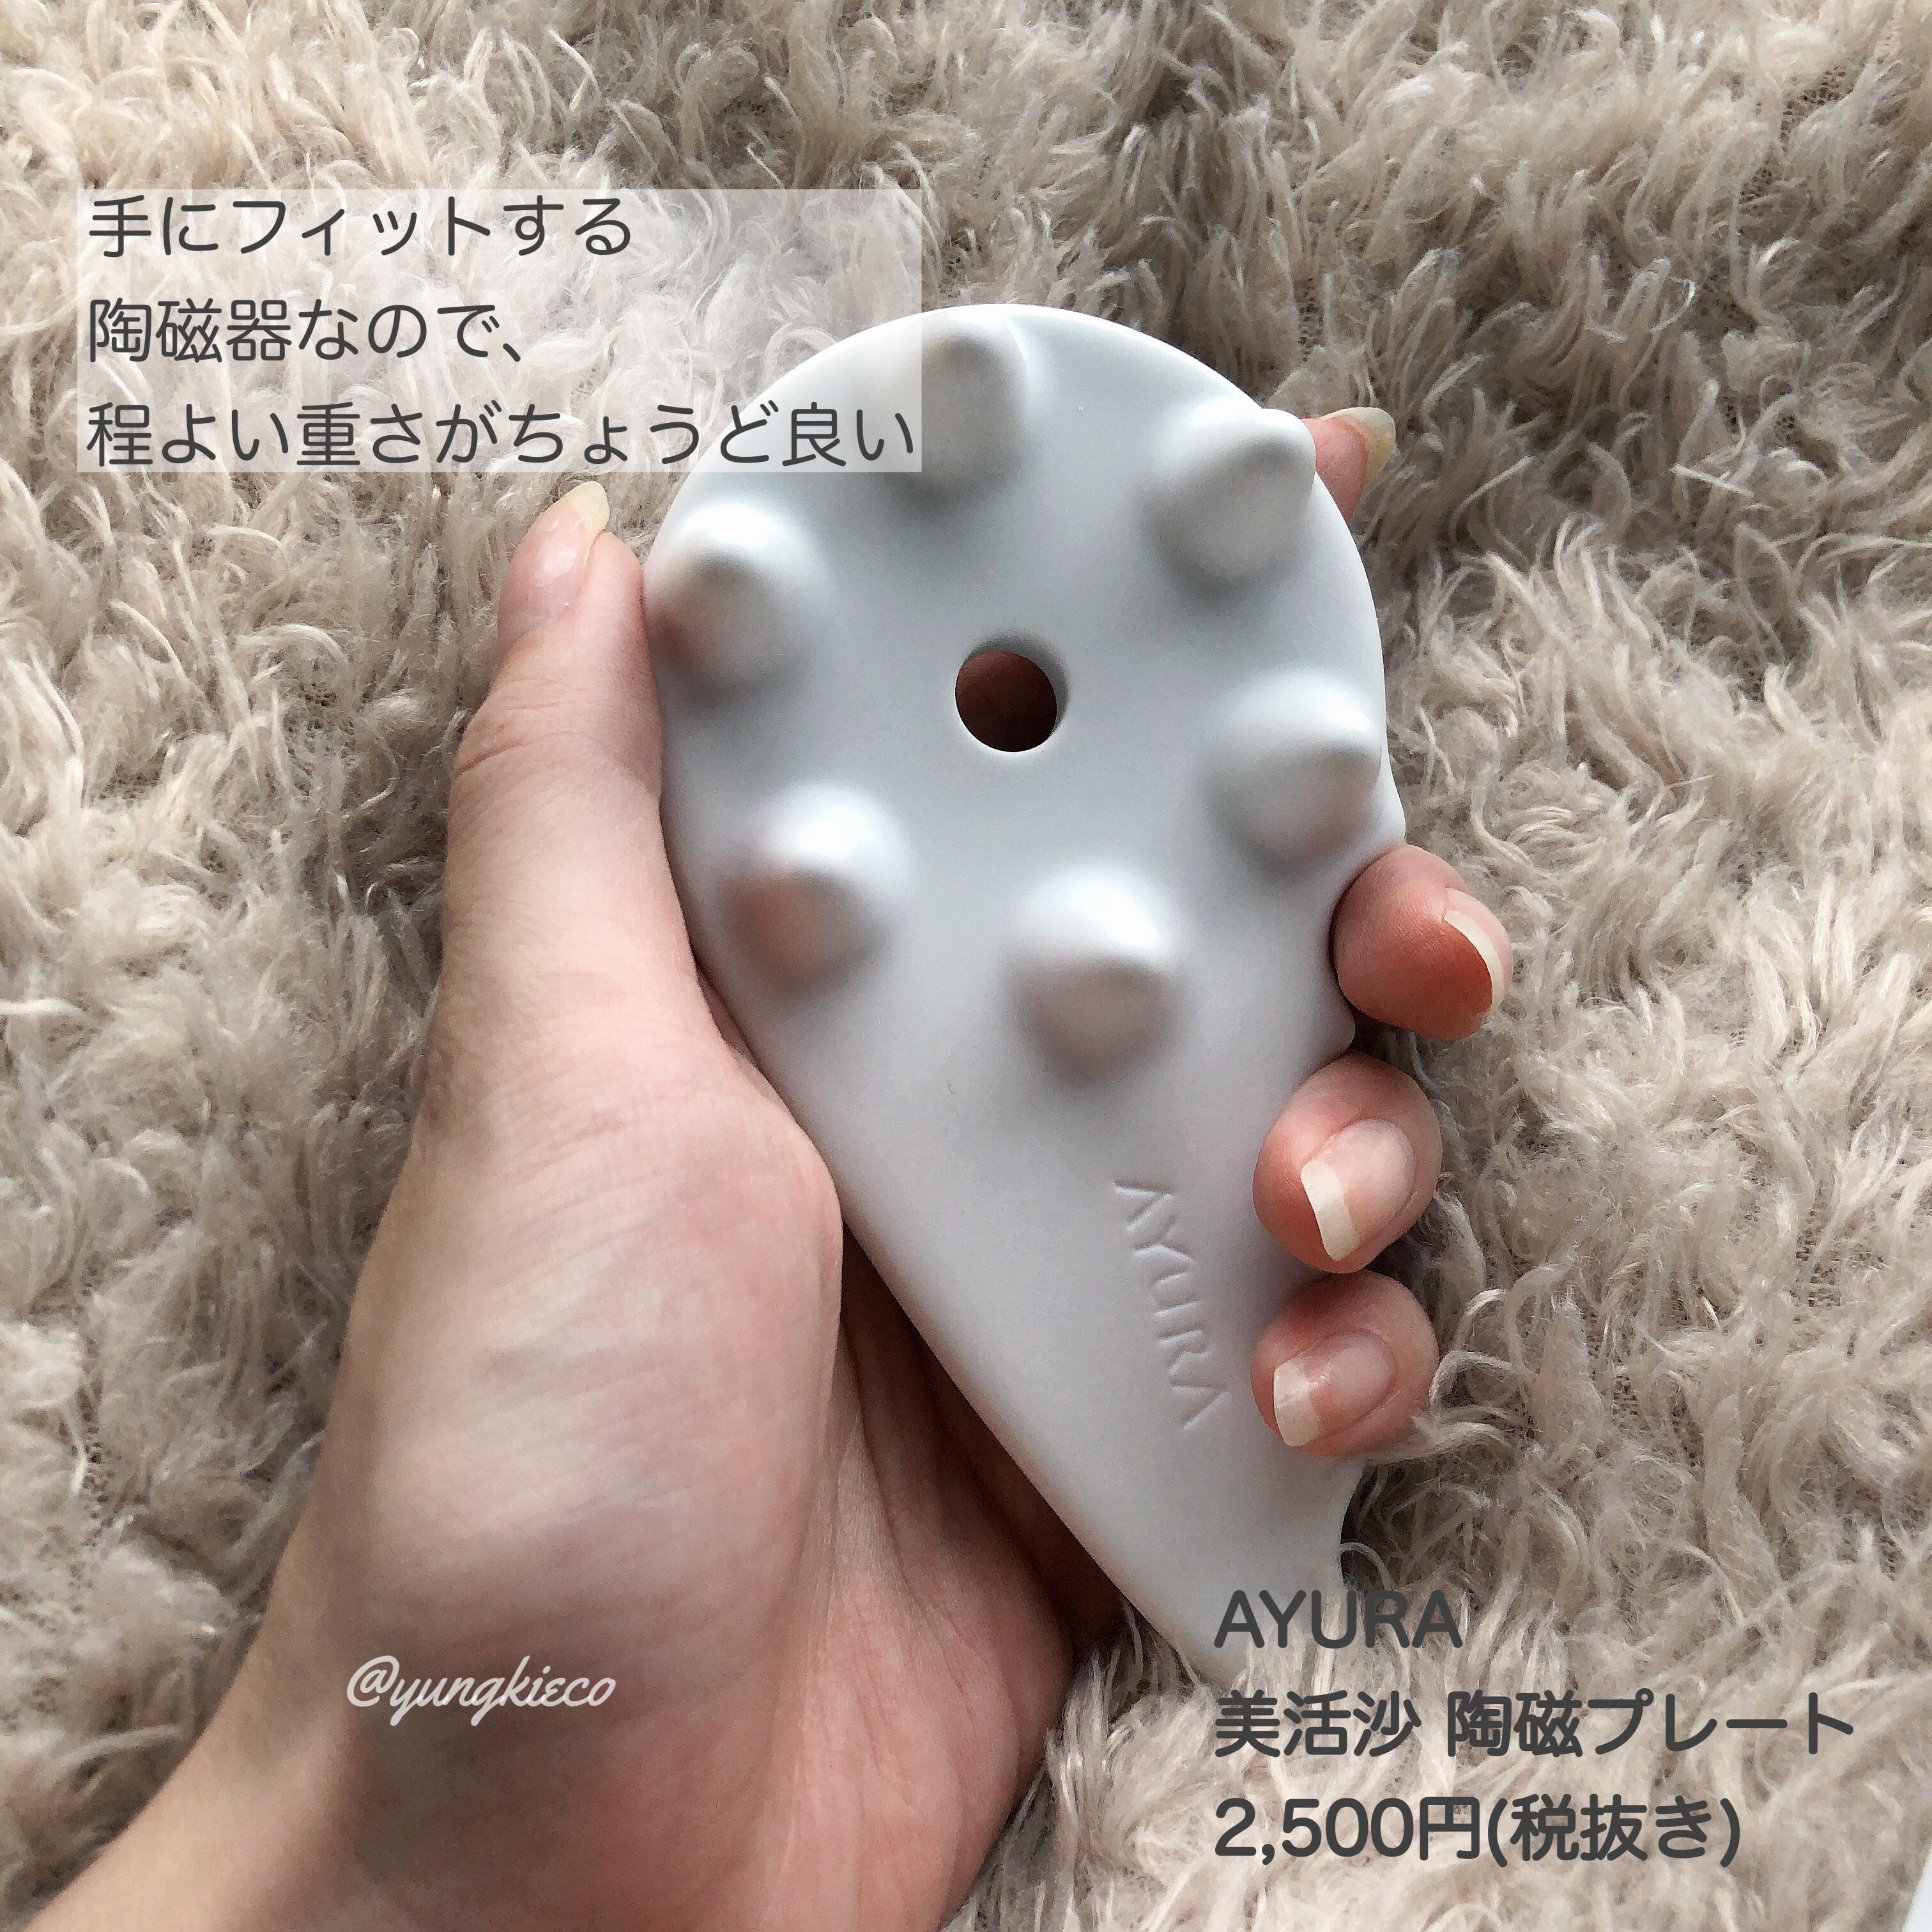 AYURA(アユーラ)ビカッサヘッドプレートを使ったyungさんのクチコミ画像2